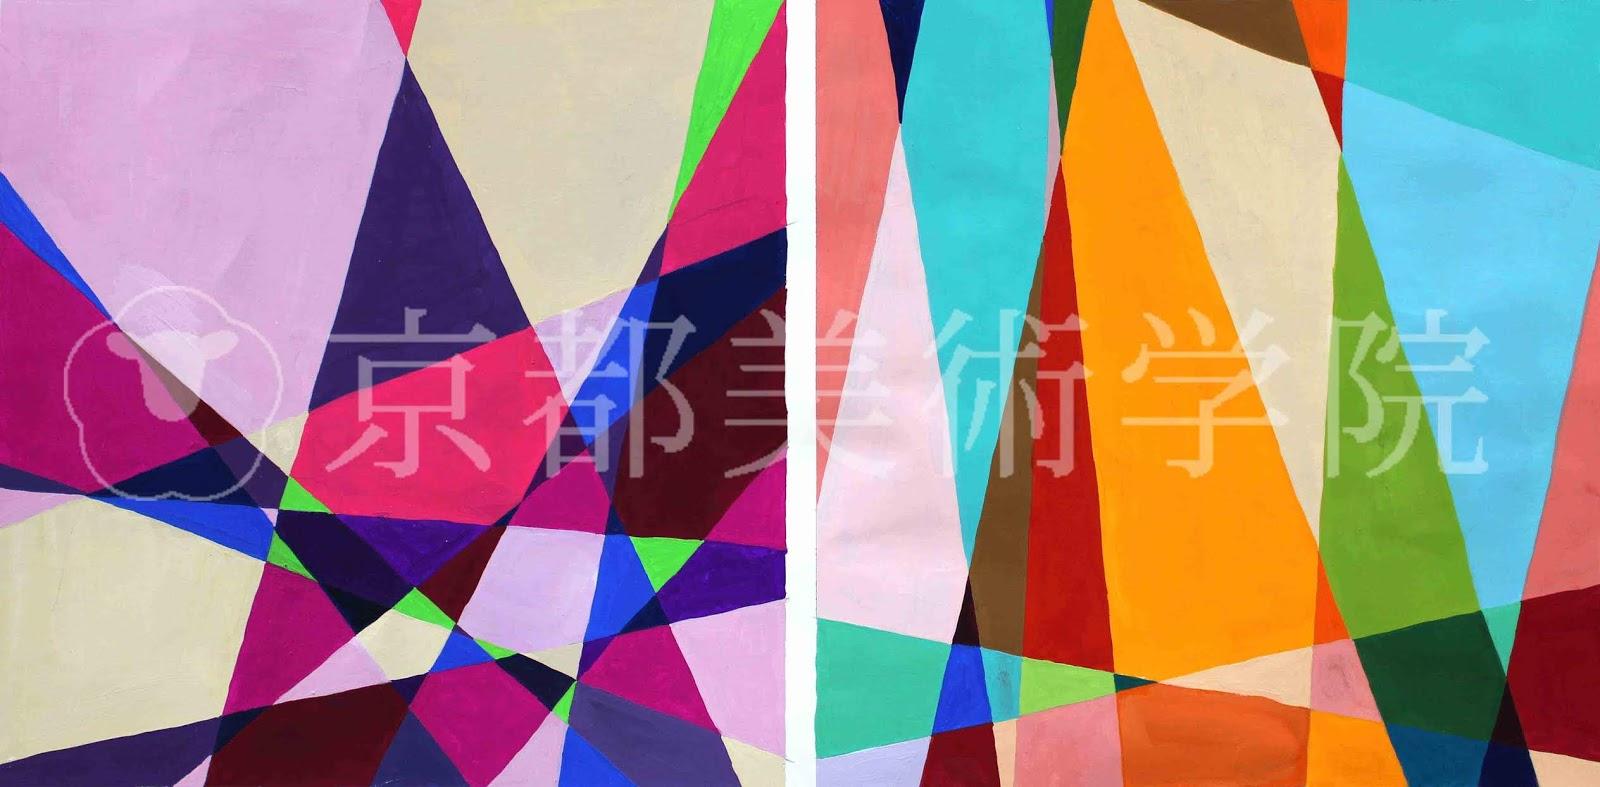 京都美術学院-今日の作品-: ゴールデンウィークも鋭意制作中です